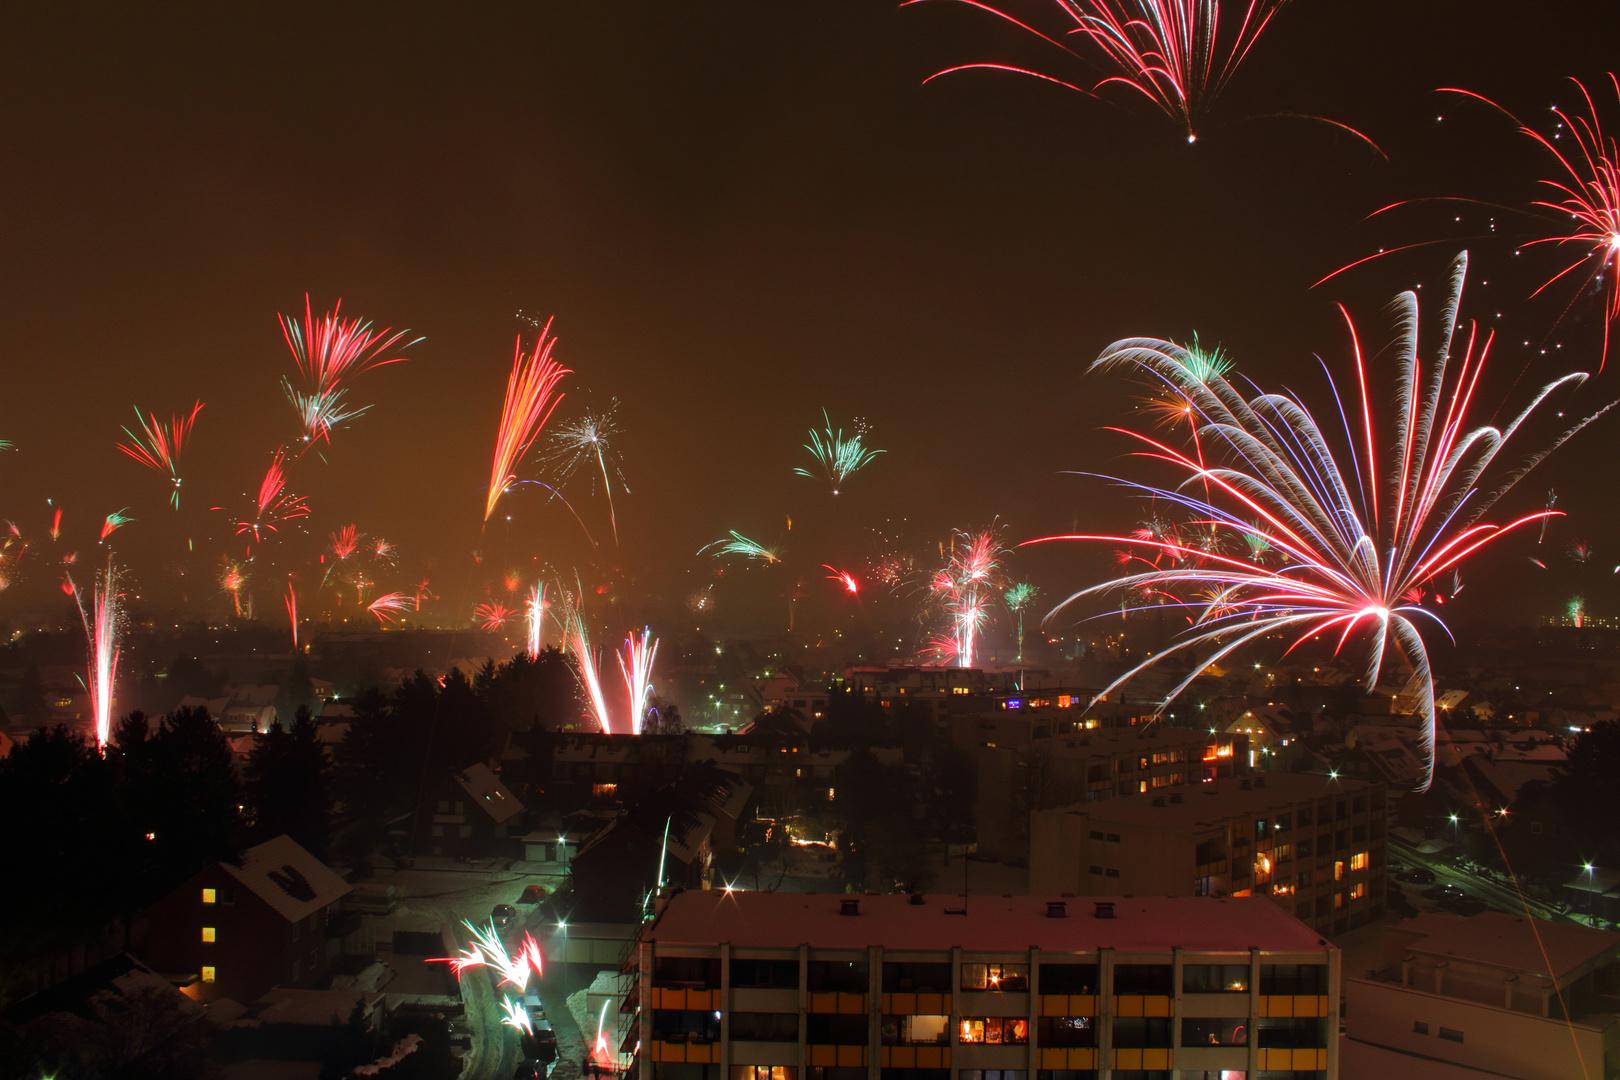 Feuerwerk NRÜ 2011